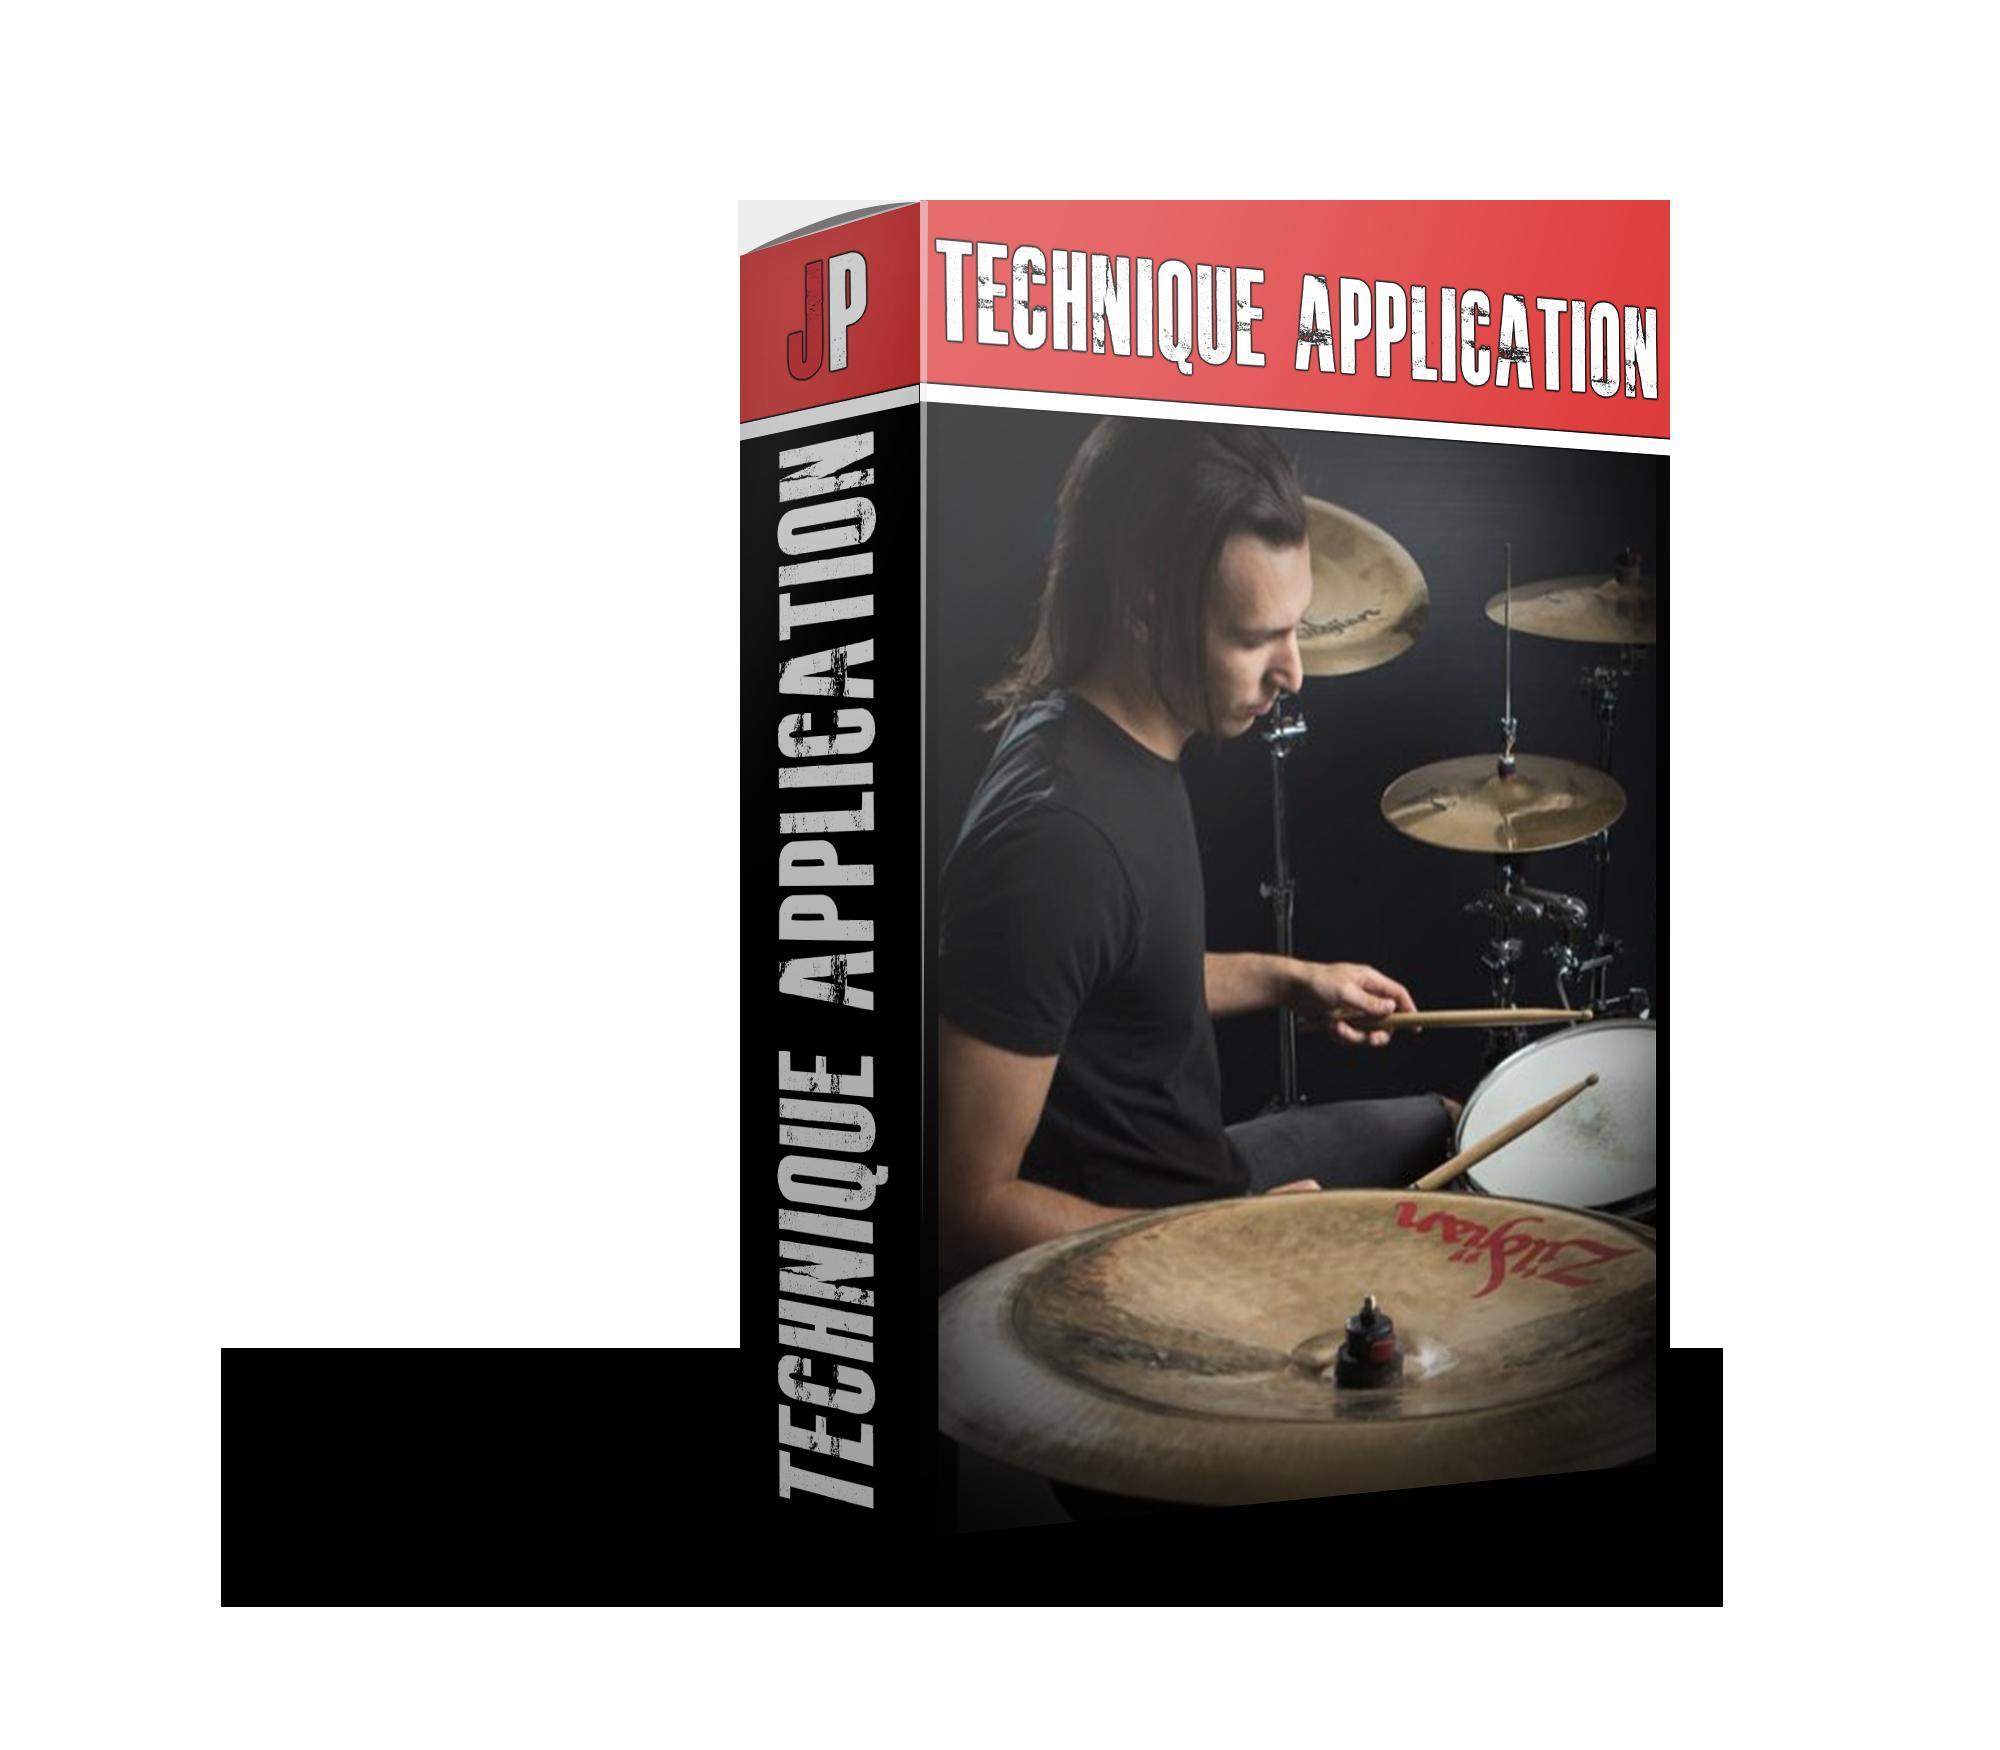 Techniques Application course image